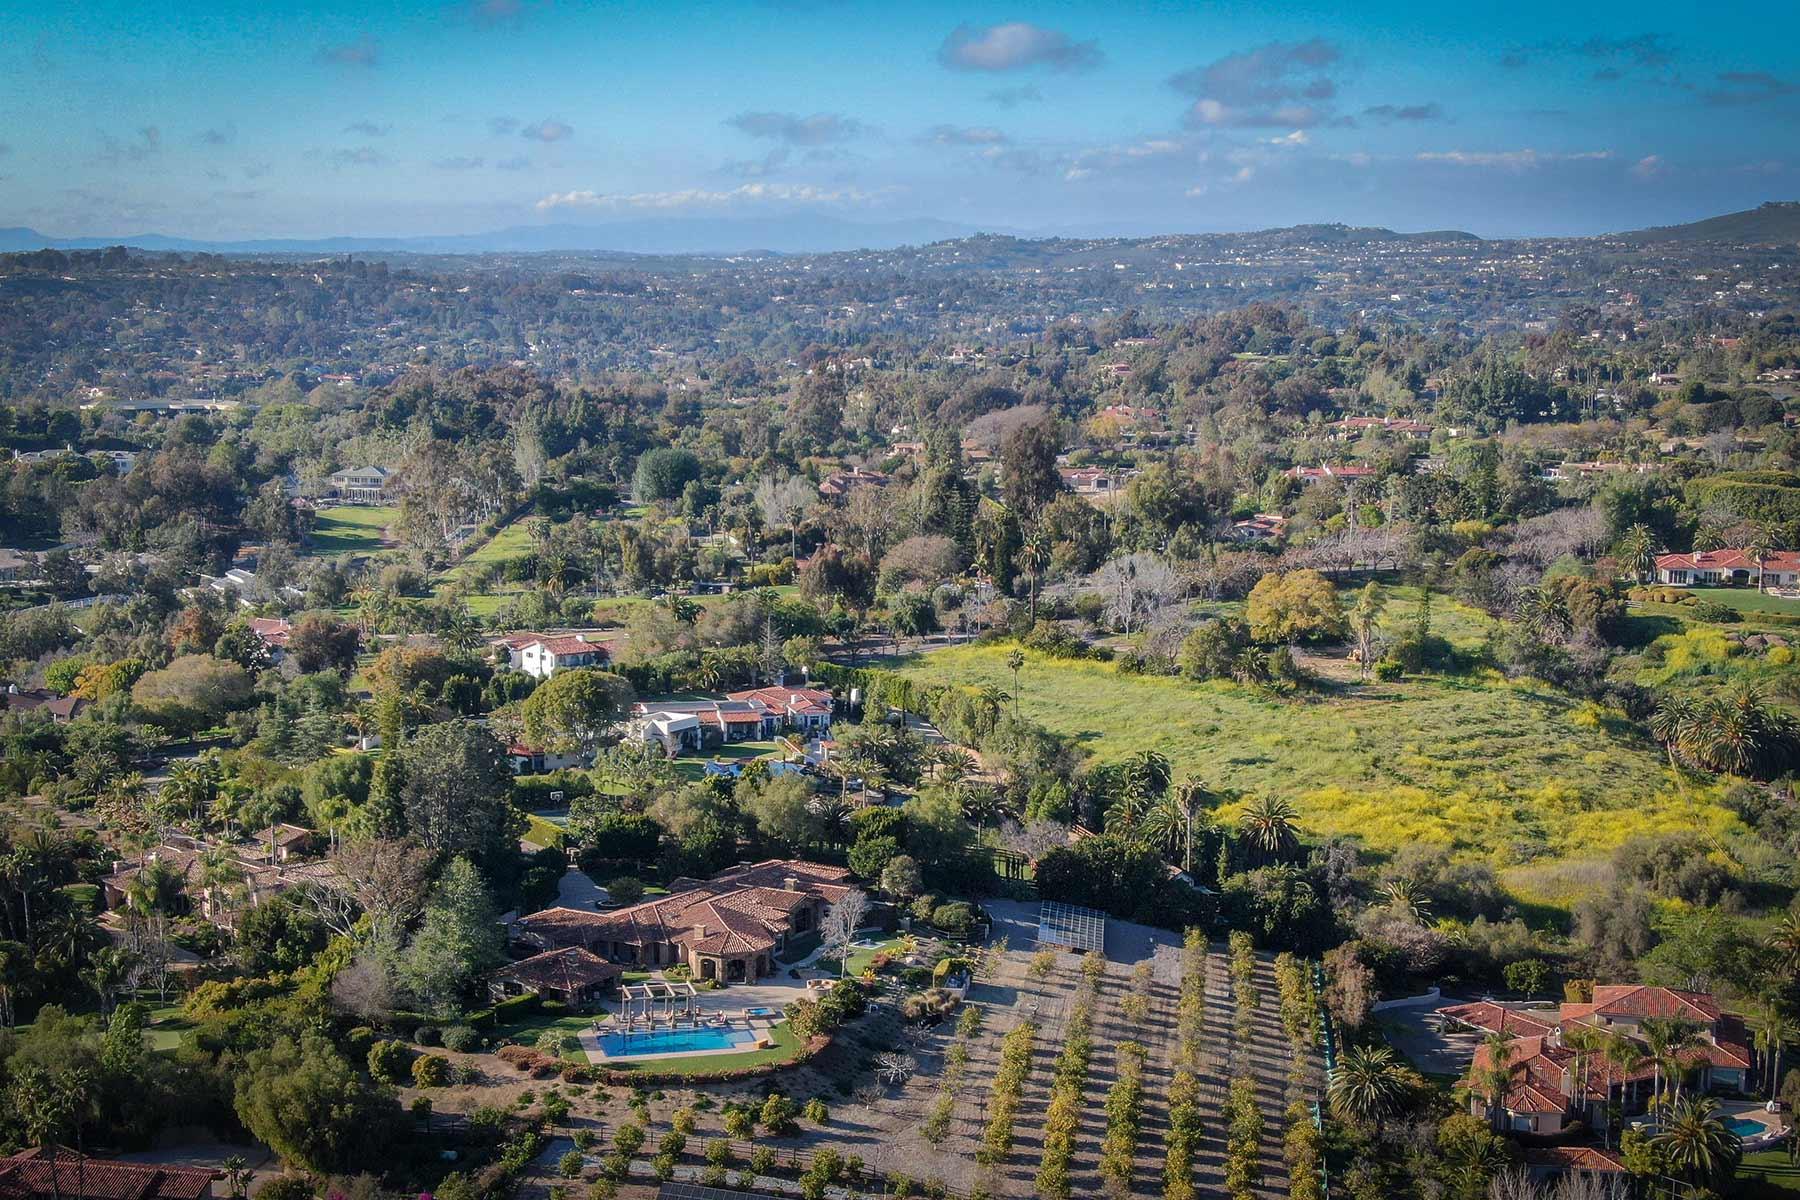 aerial view of rancho santa fe luxury homes